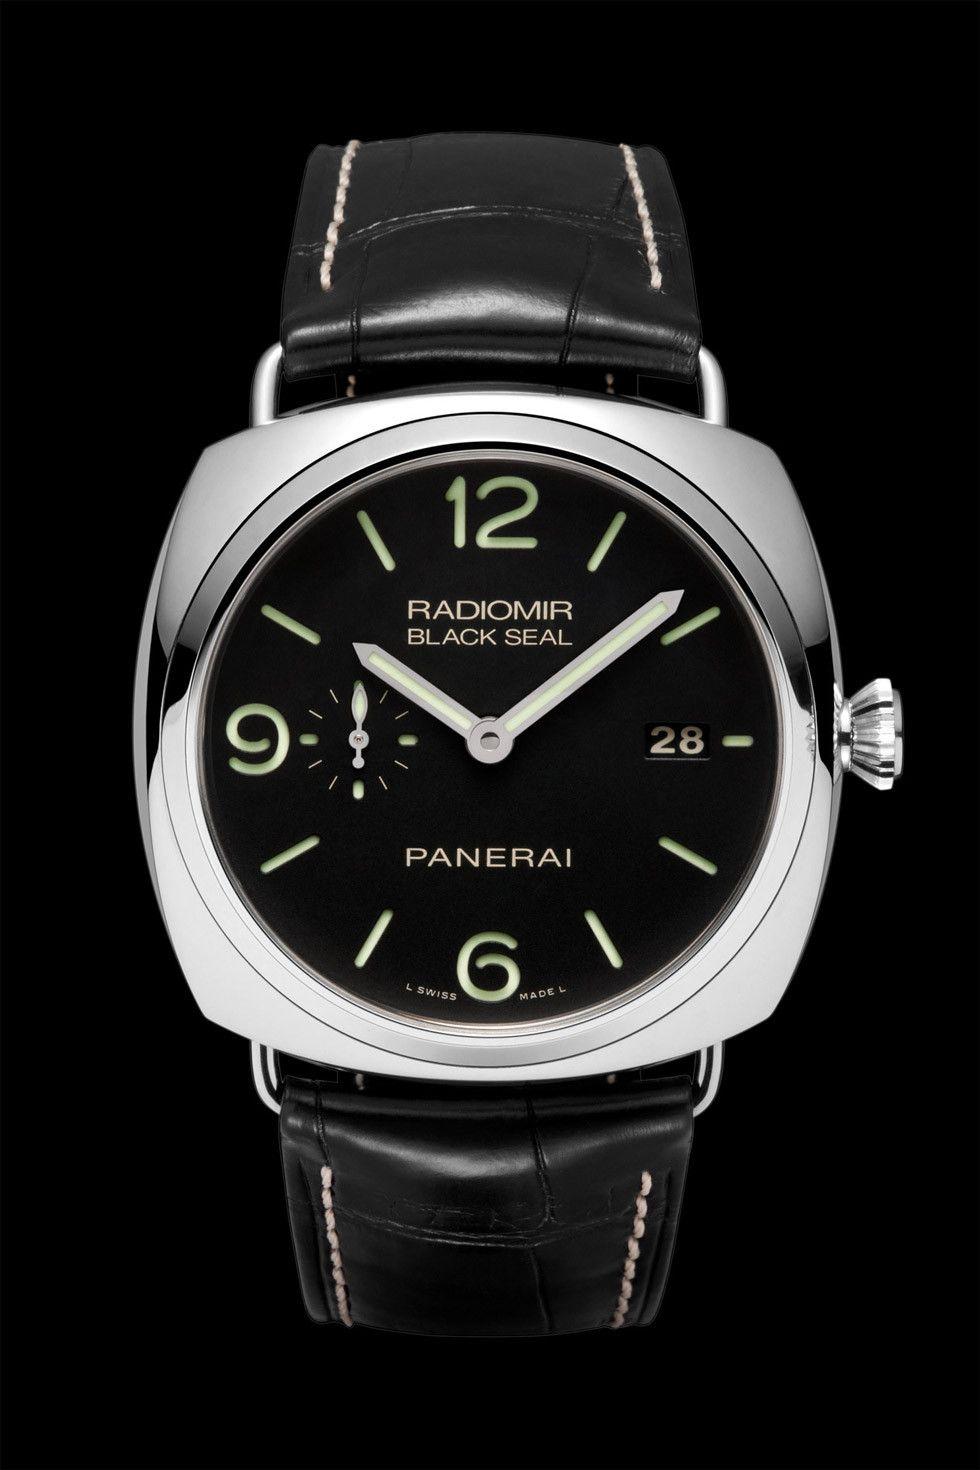 230cab8a891 RADIOMIR BLACK SEAL 3 DAYS AUTOMATIC relógio em pt.Presentwatch.com Relógios  De Luxo